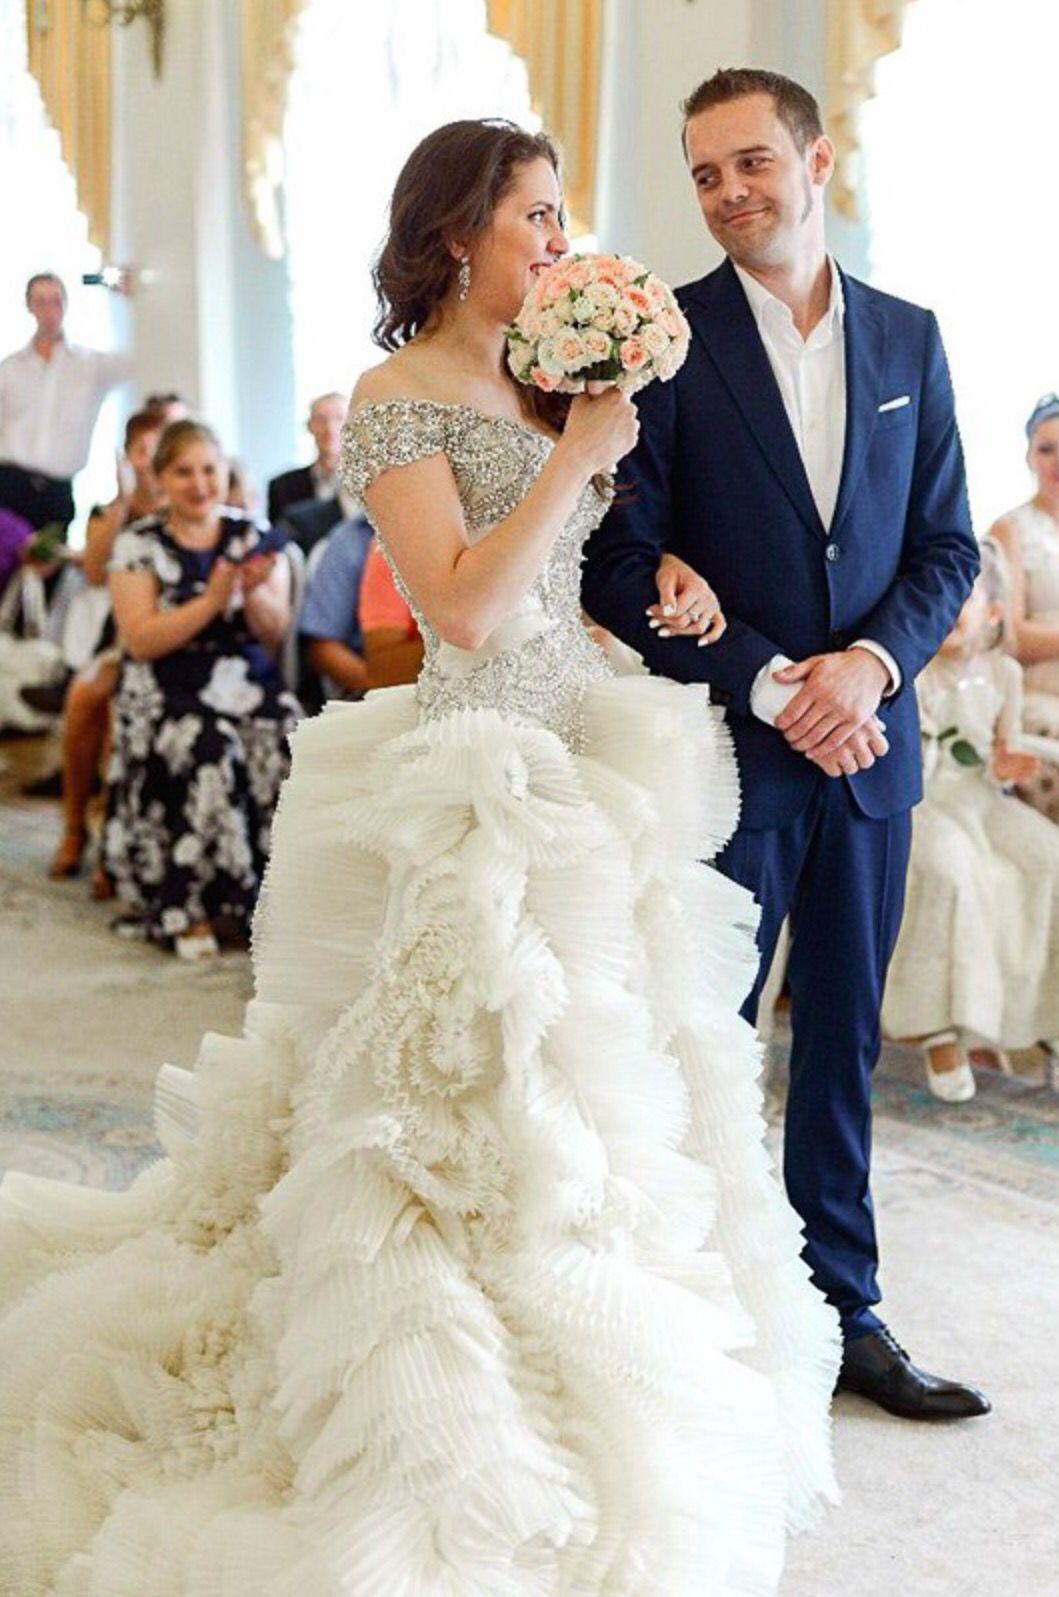 Malyarovaolga wedding dress fashion designer olga malyarova st